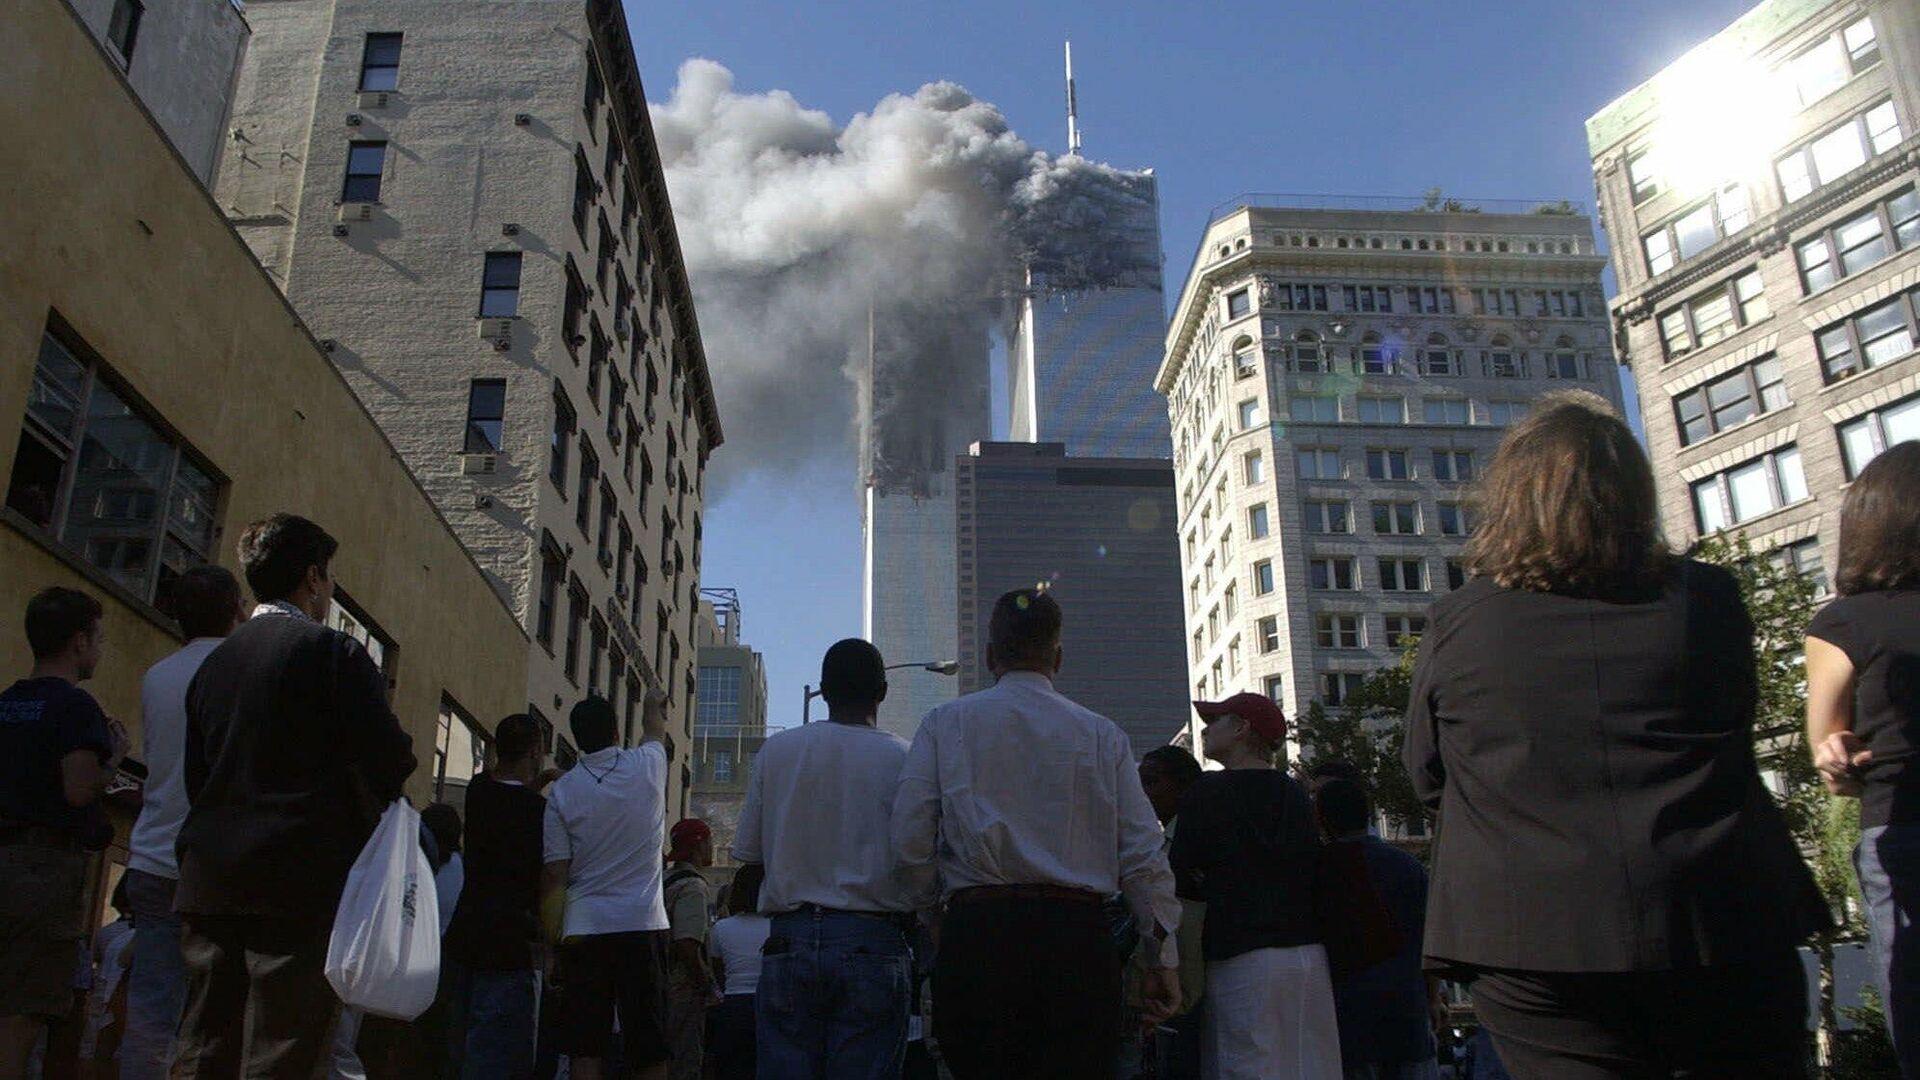 Теракта 11 сентября 2001 года в Нью-Йорке - РИА Новости, 1920, 09.09.2021